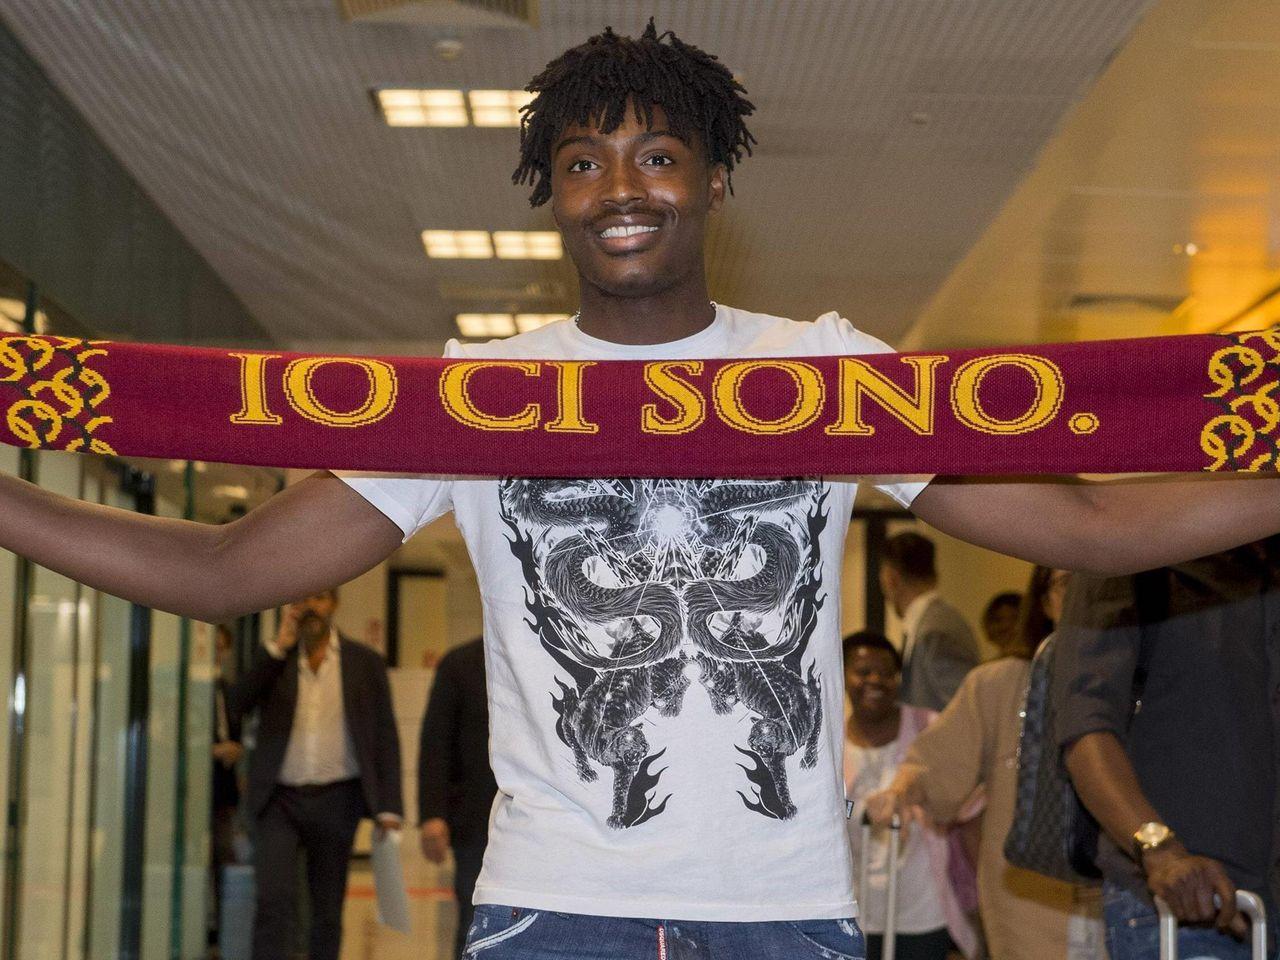 Roma scatenata: ufficiale l'acquisto di Bianda dal Lens - Eurosport